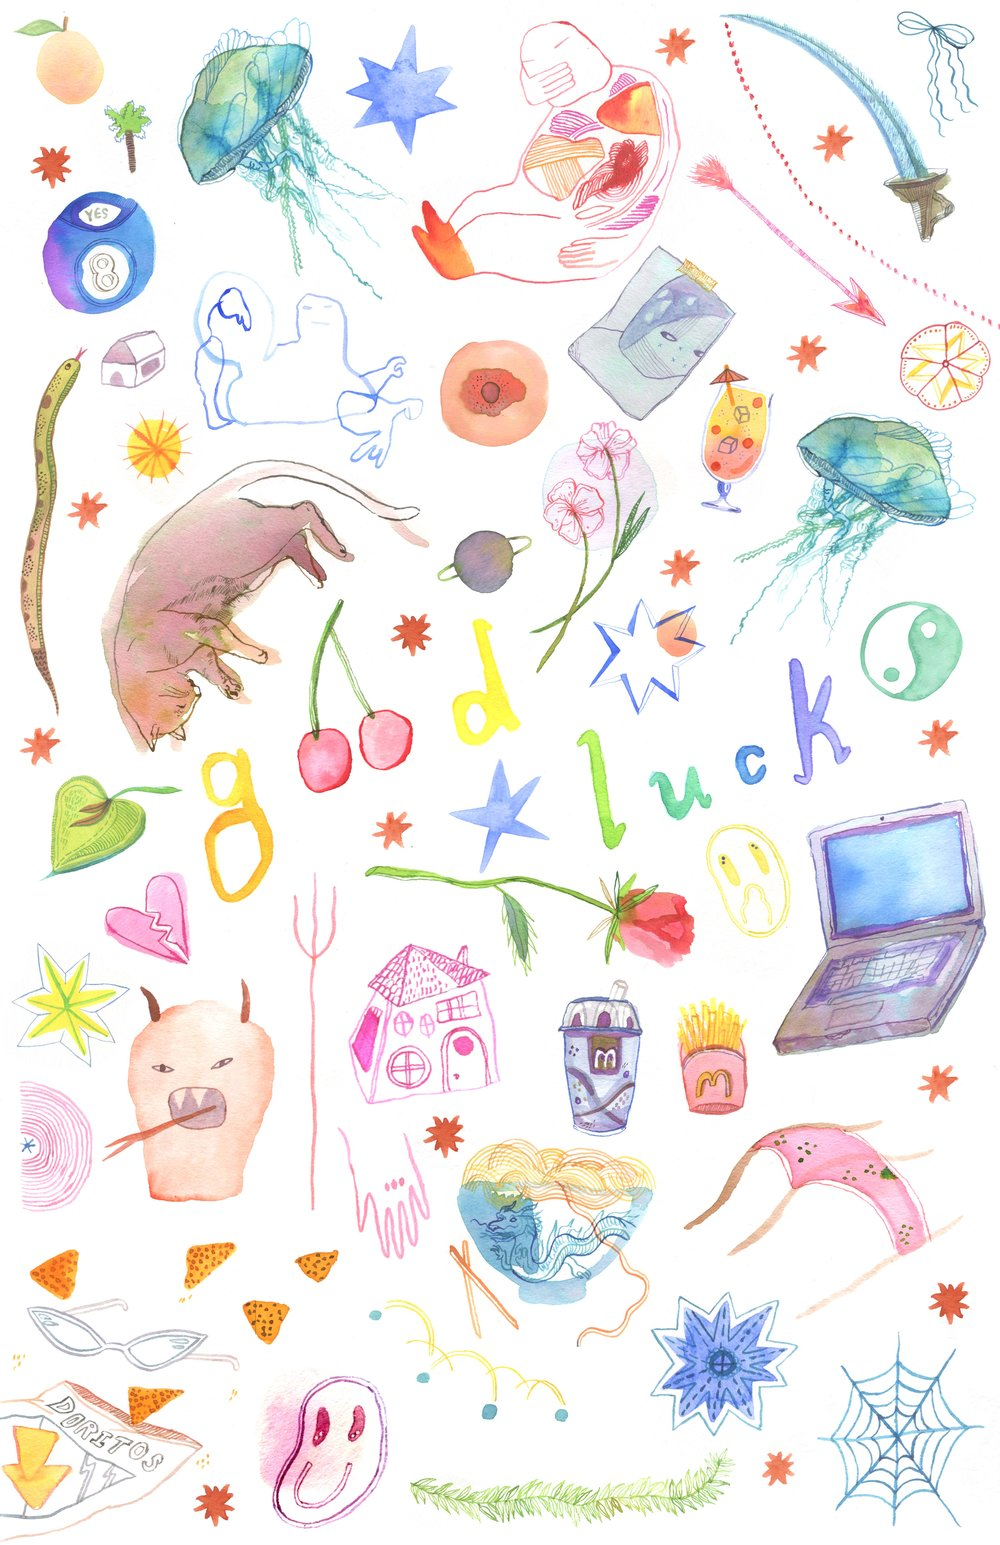 Poster Three-Kendra.jpg